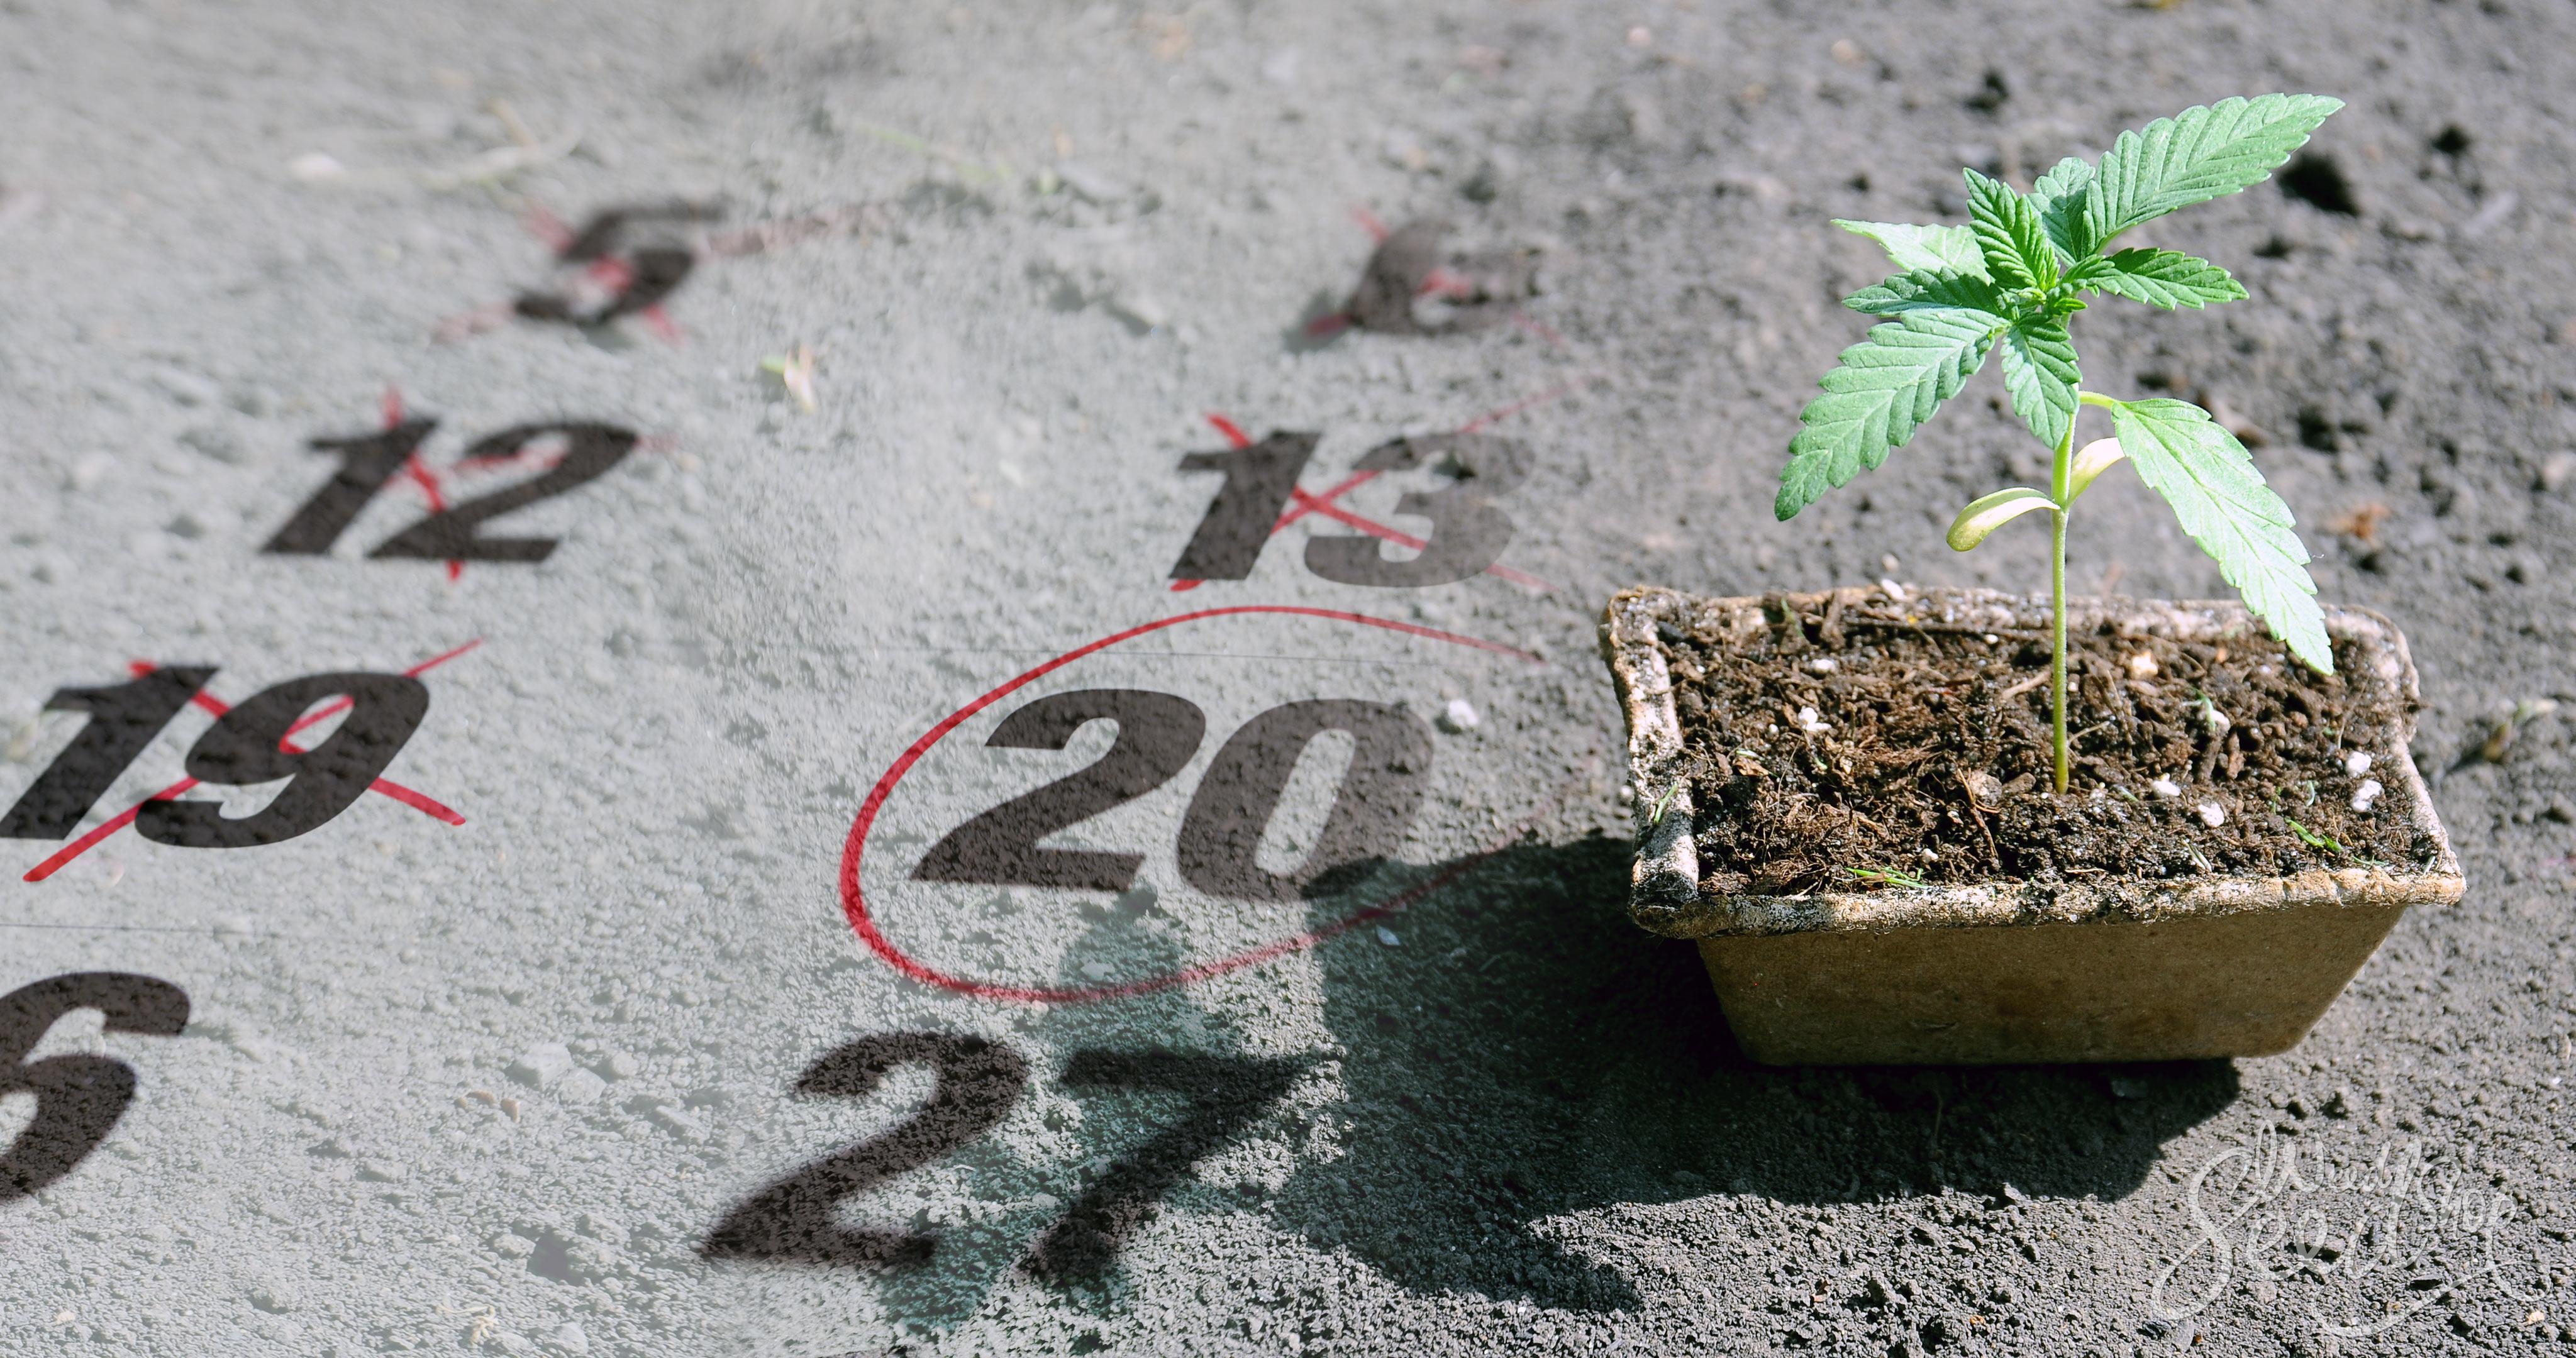 Quelle est la meilleure période pour cultiver le cannabis ? - Weed Seed Shop Blog